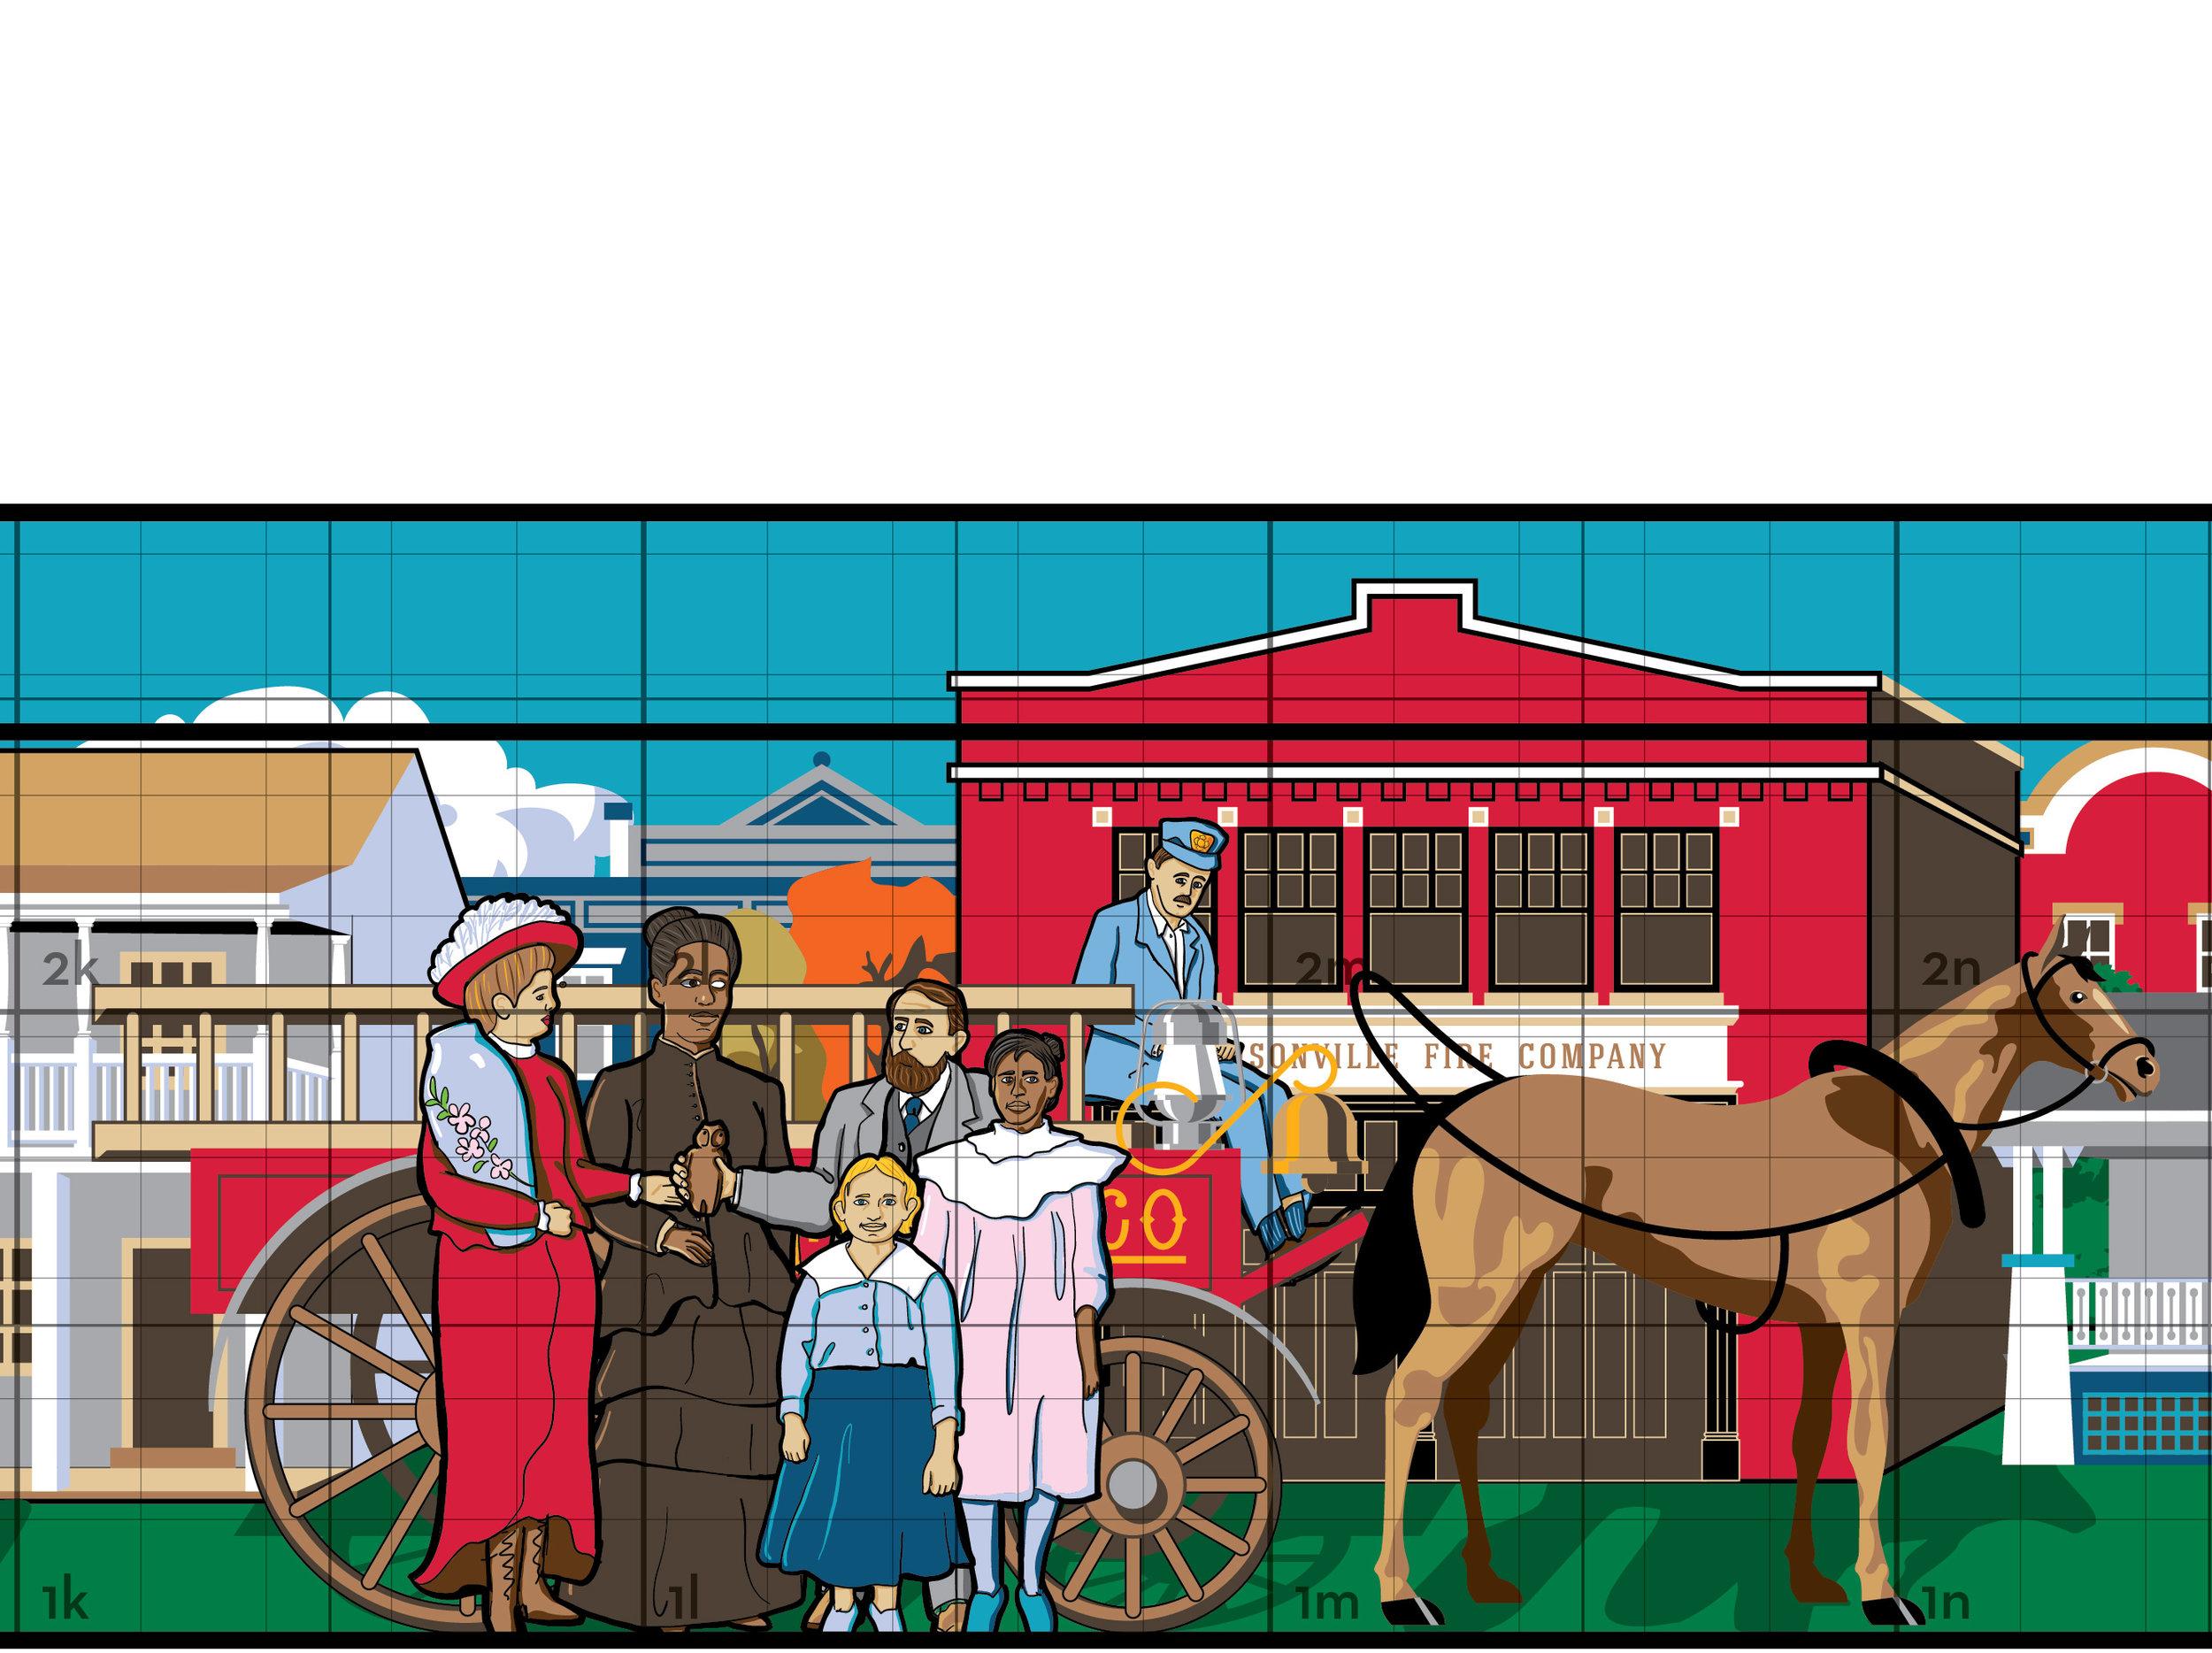 170610_Madisonville_Mural_Illustrated_WIP_Madville_1909.jpg